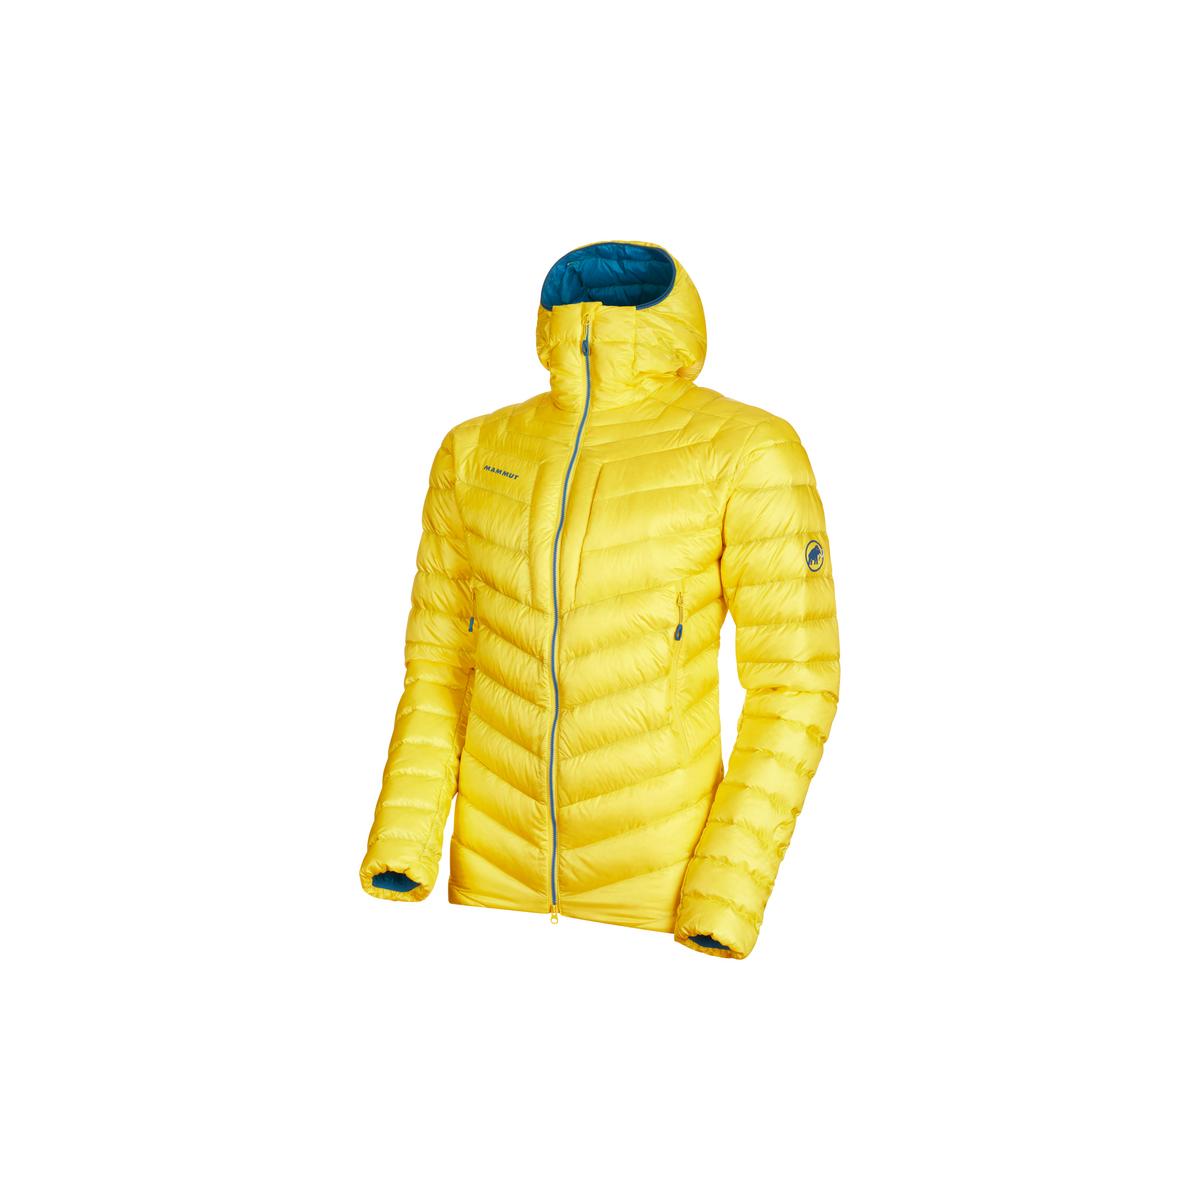 Online-Shop Spielraum 50% Preis Broad Peak IN Hooded Jacket Men